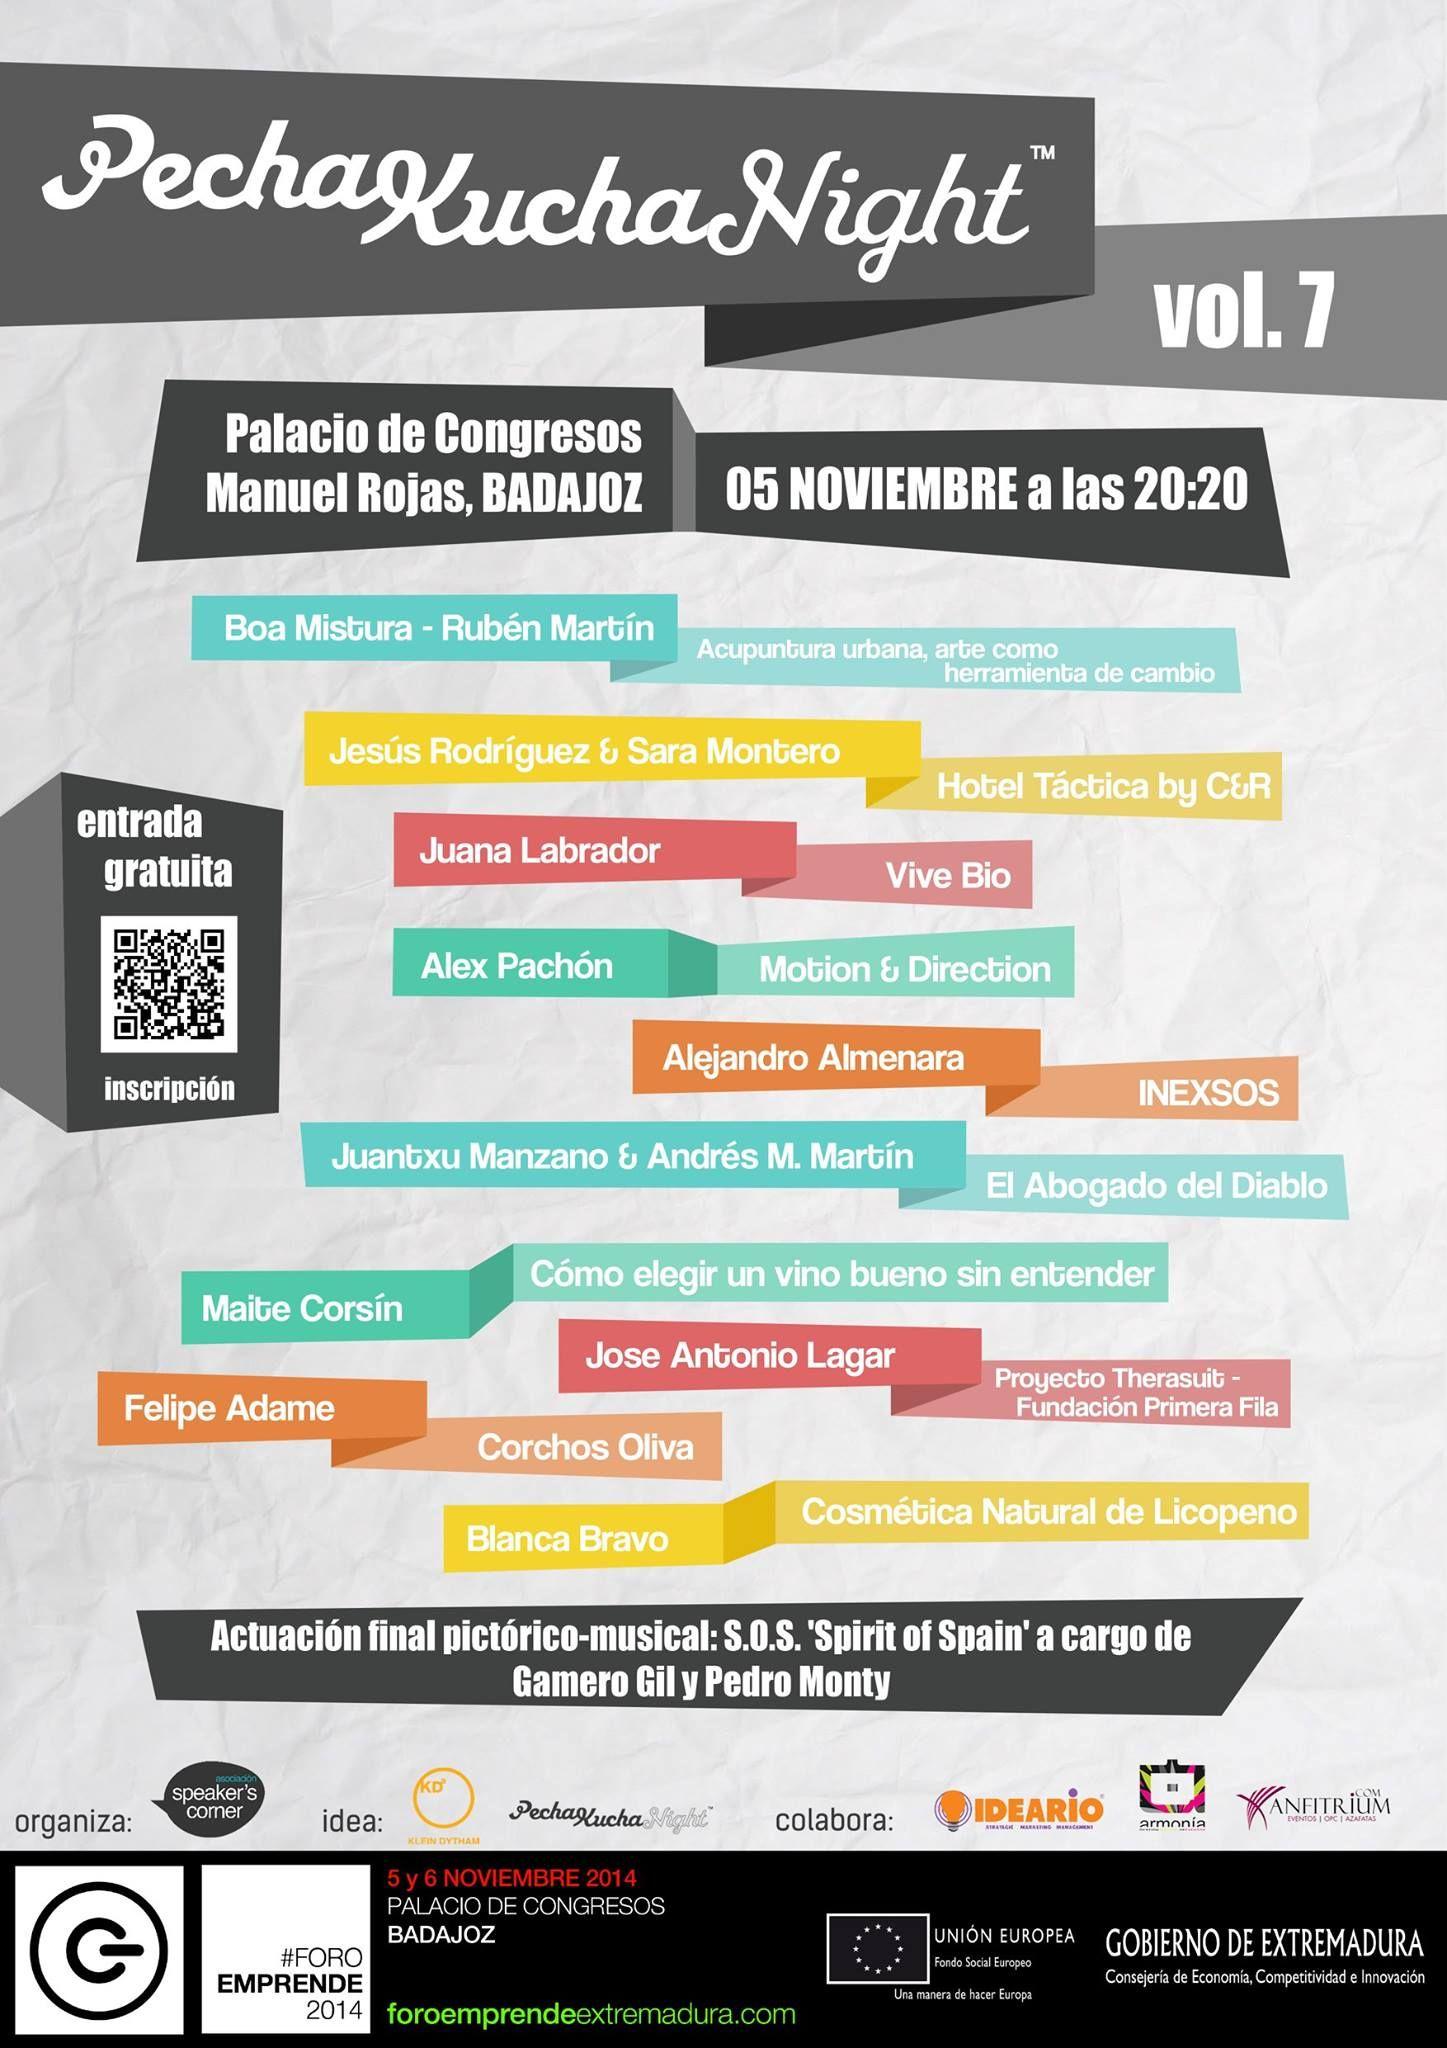 ¡El próximo 5N tenemos una cita con PechaKucha Badajoz! Somos #pechakuchers! WOW! Un cartel cargado de gente inspiradora! No te lo pierdas!